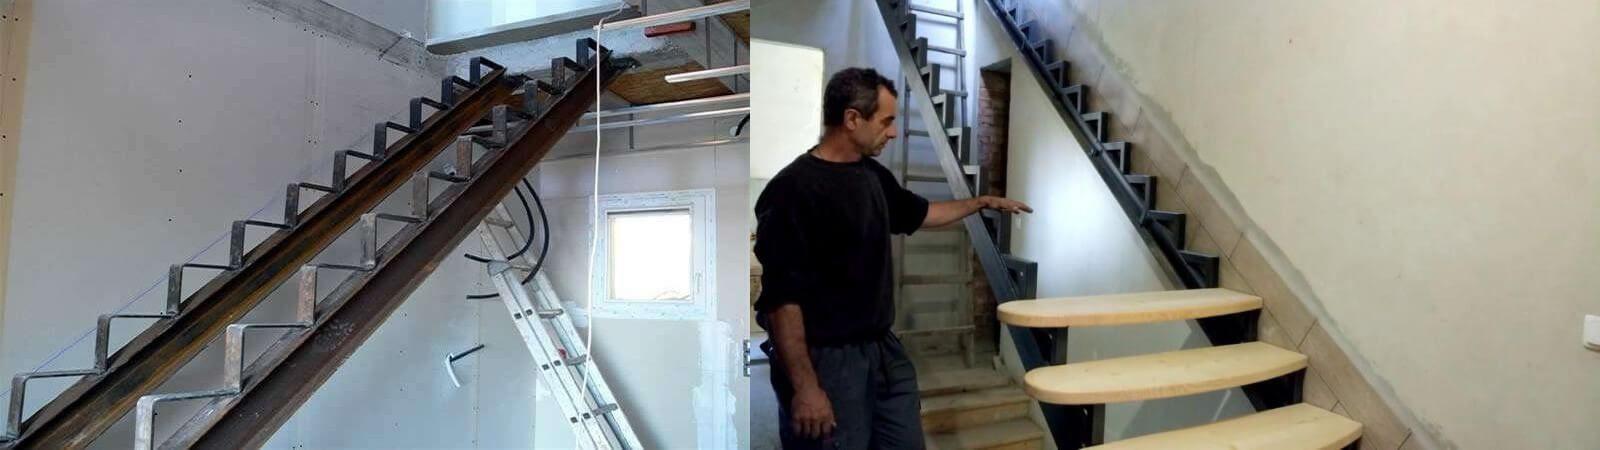 Отделка металлической лестницы деревом и другими материалами